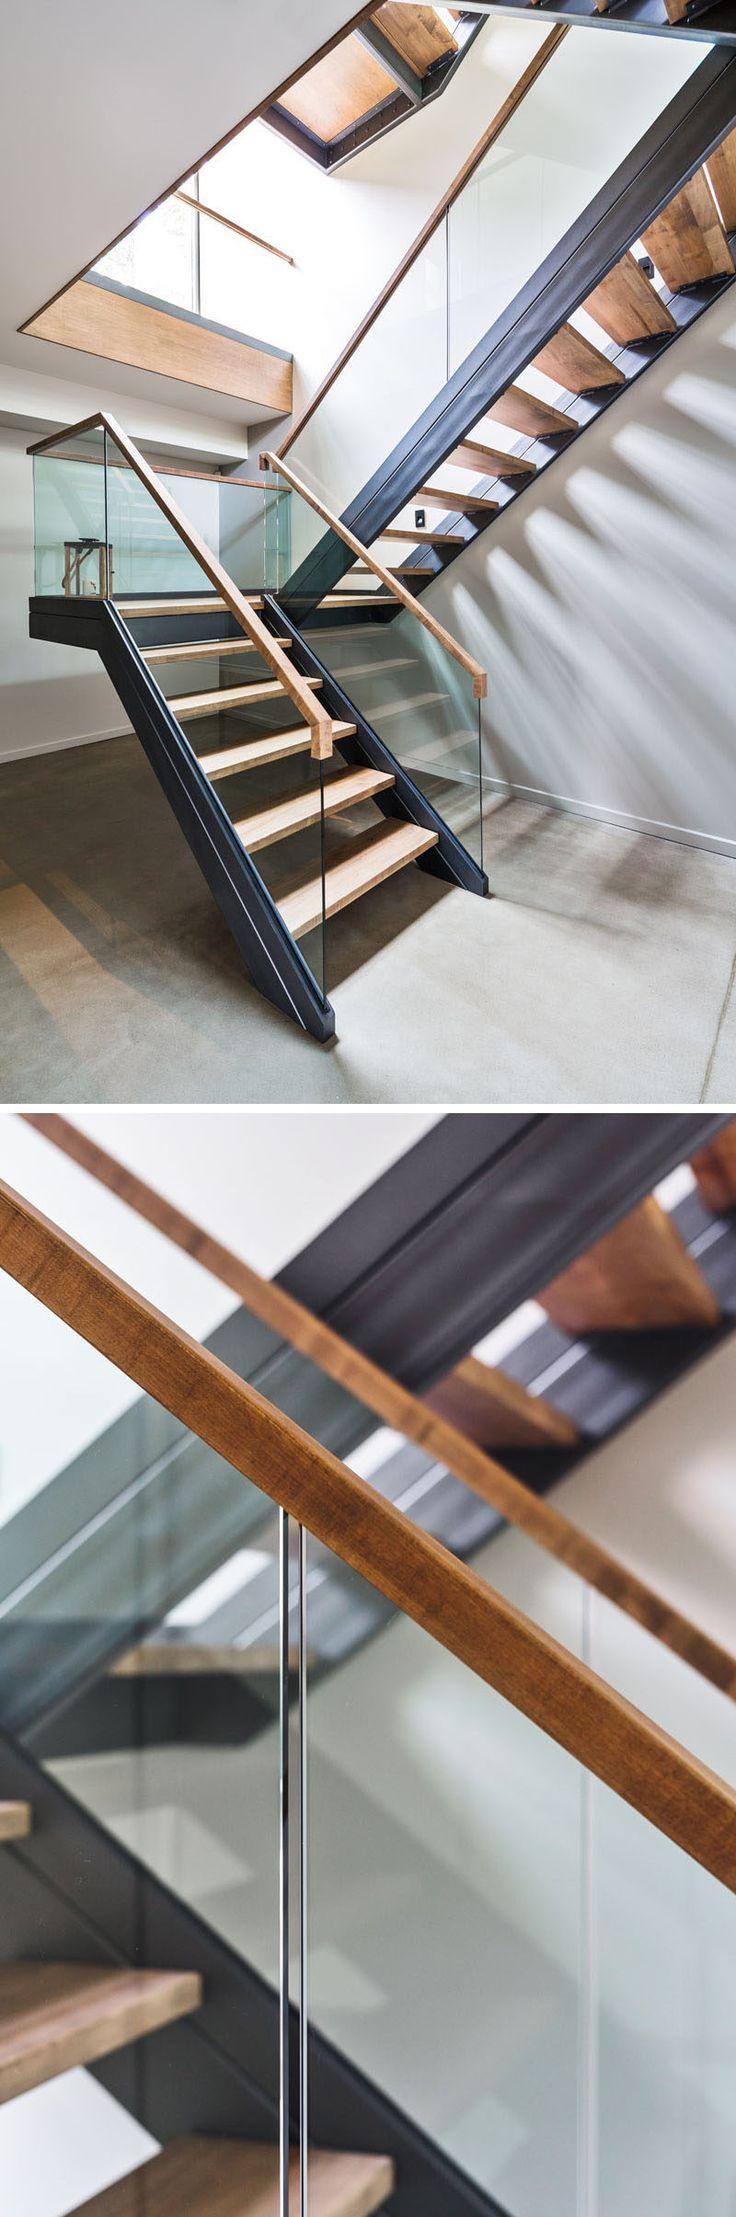 Эти лестницы в канадской домашнего использования дерева, стали и стекла, чтобы создать современный внешний вид.